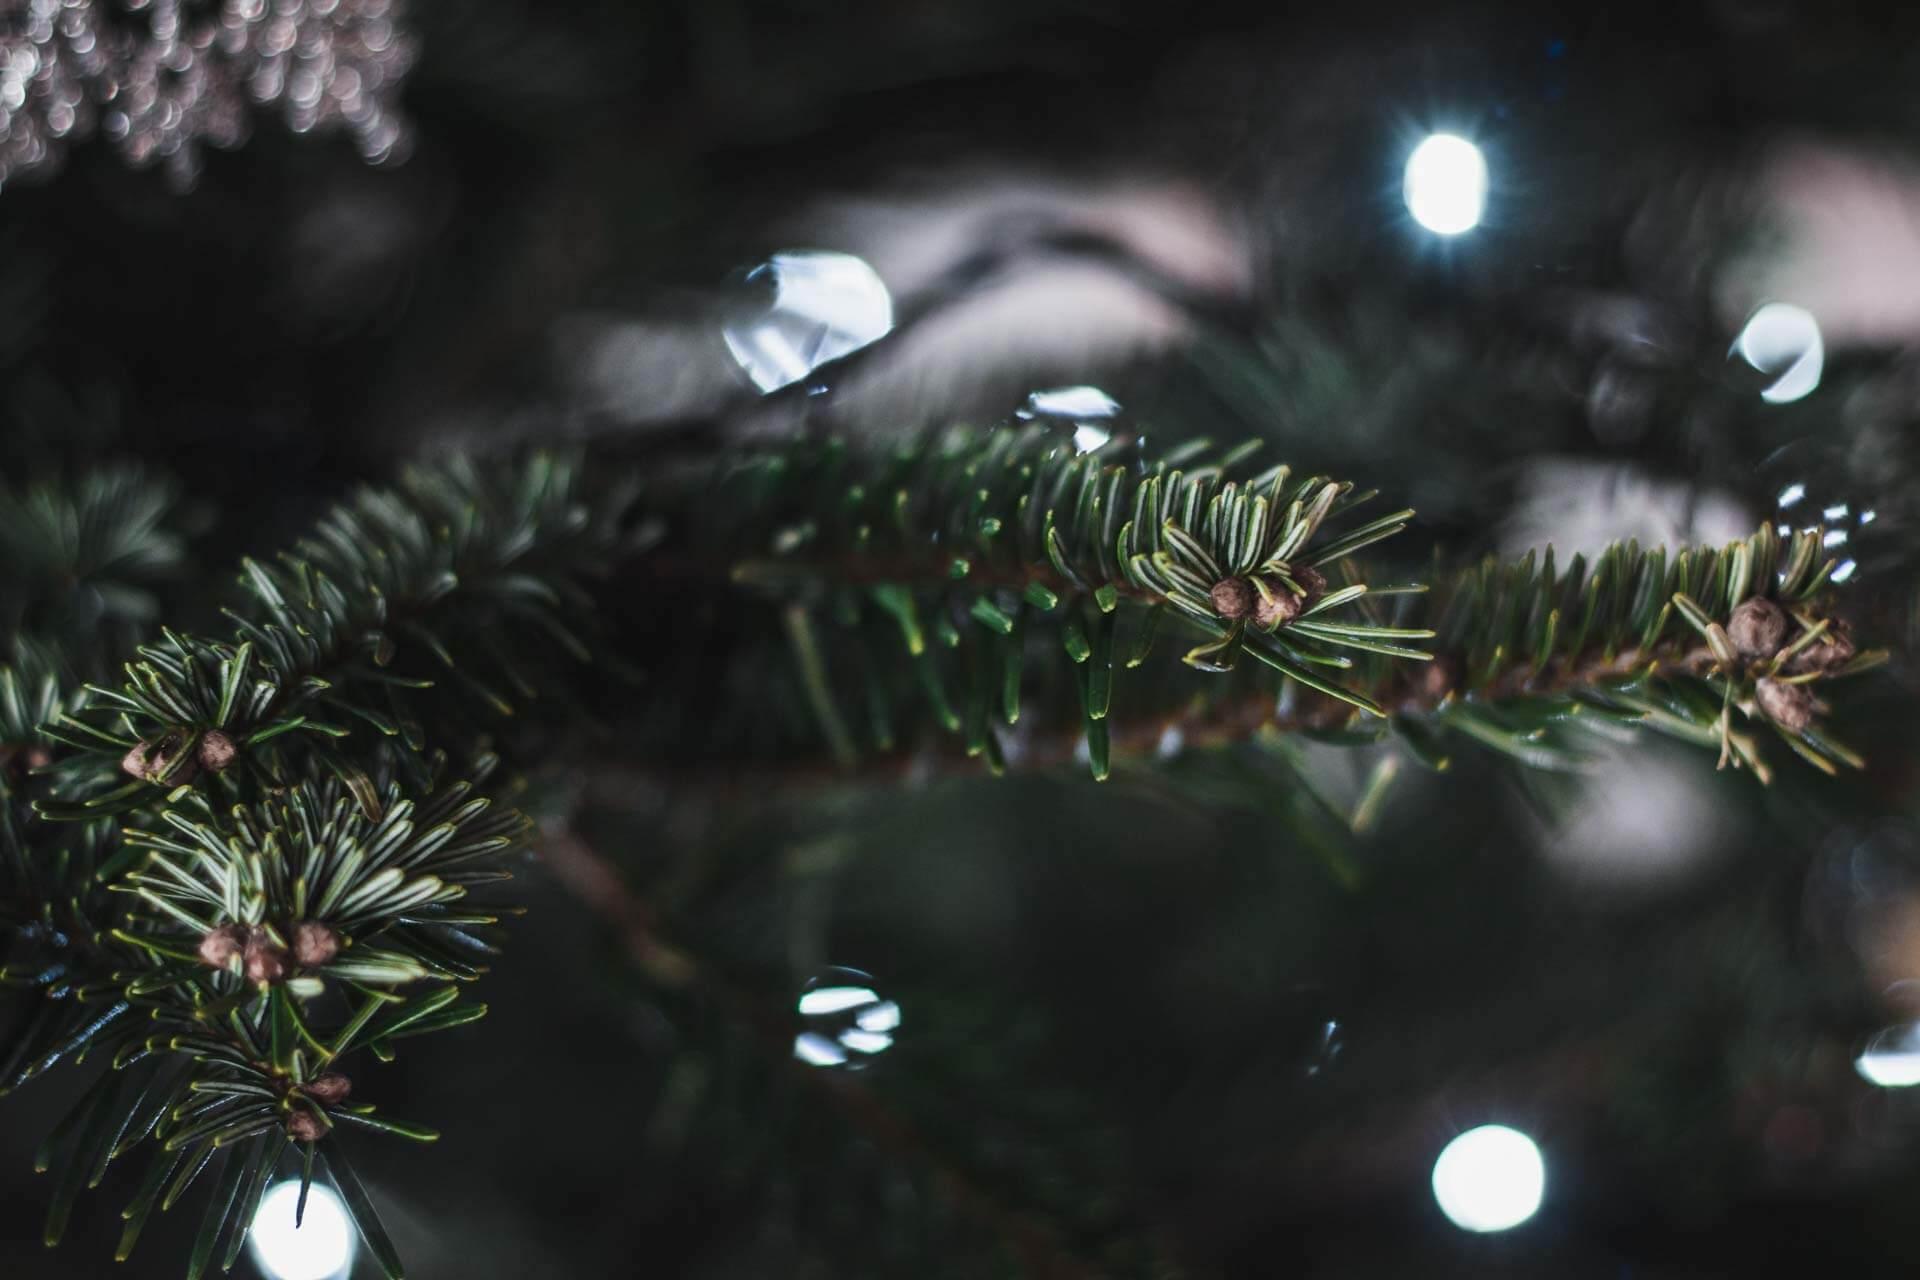 Foto ke článku 3, Vánoce, víno, štědrý den, štědrovečerní večeře